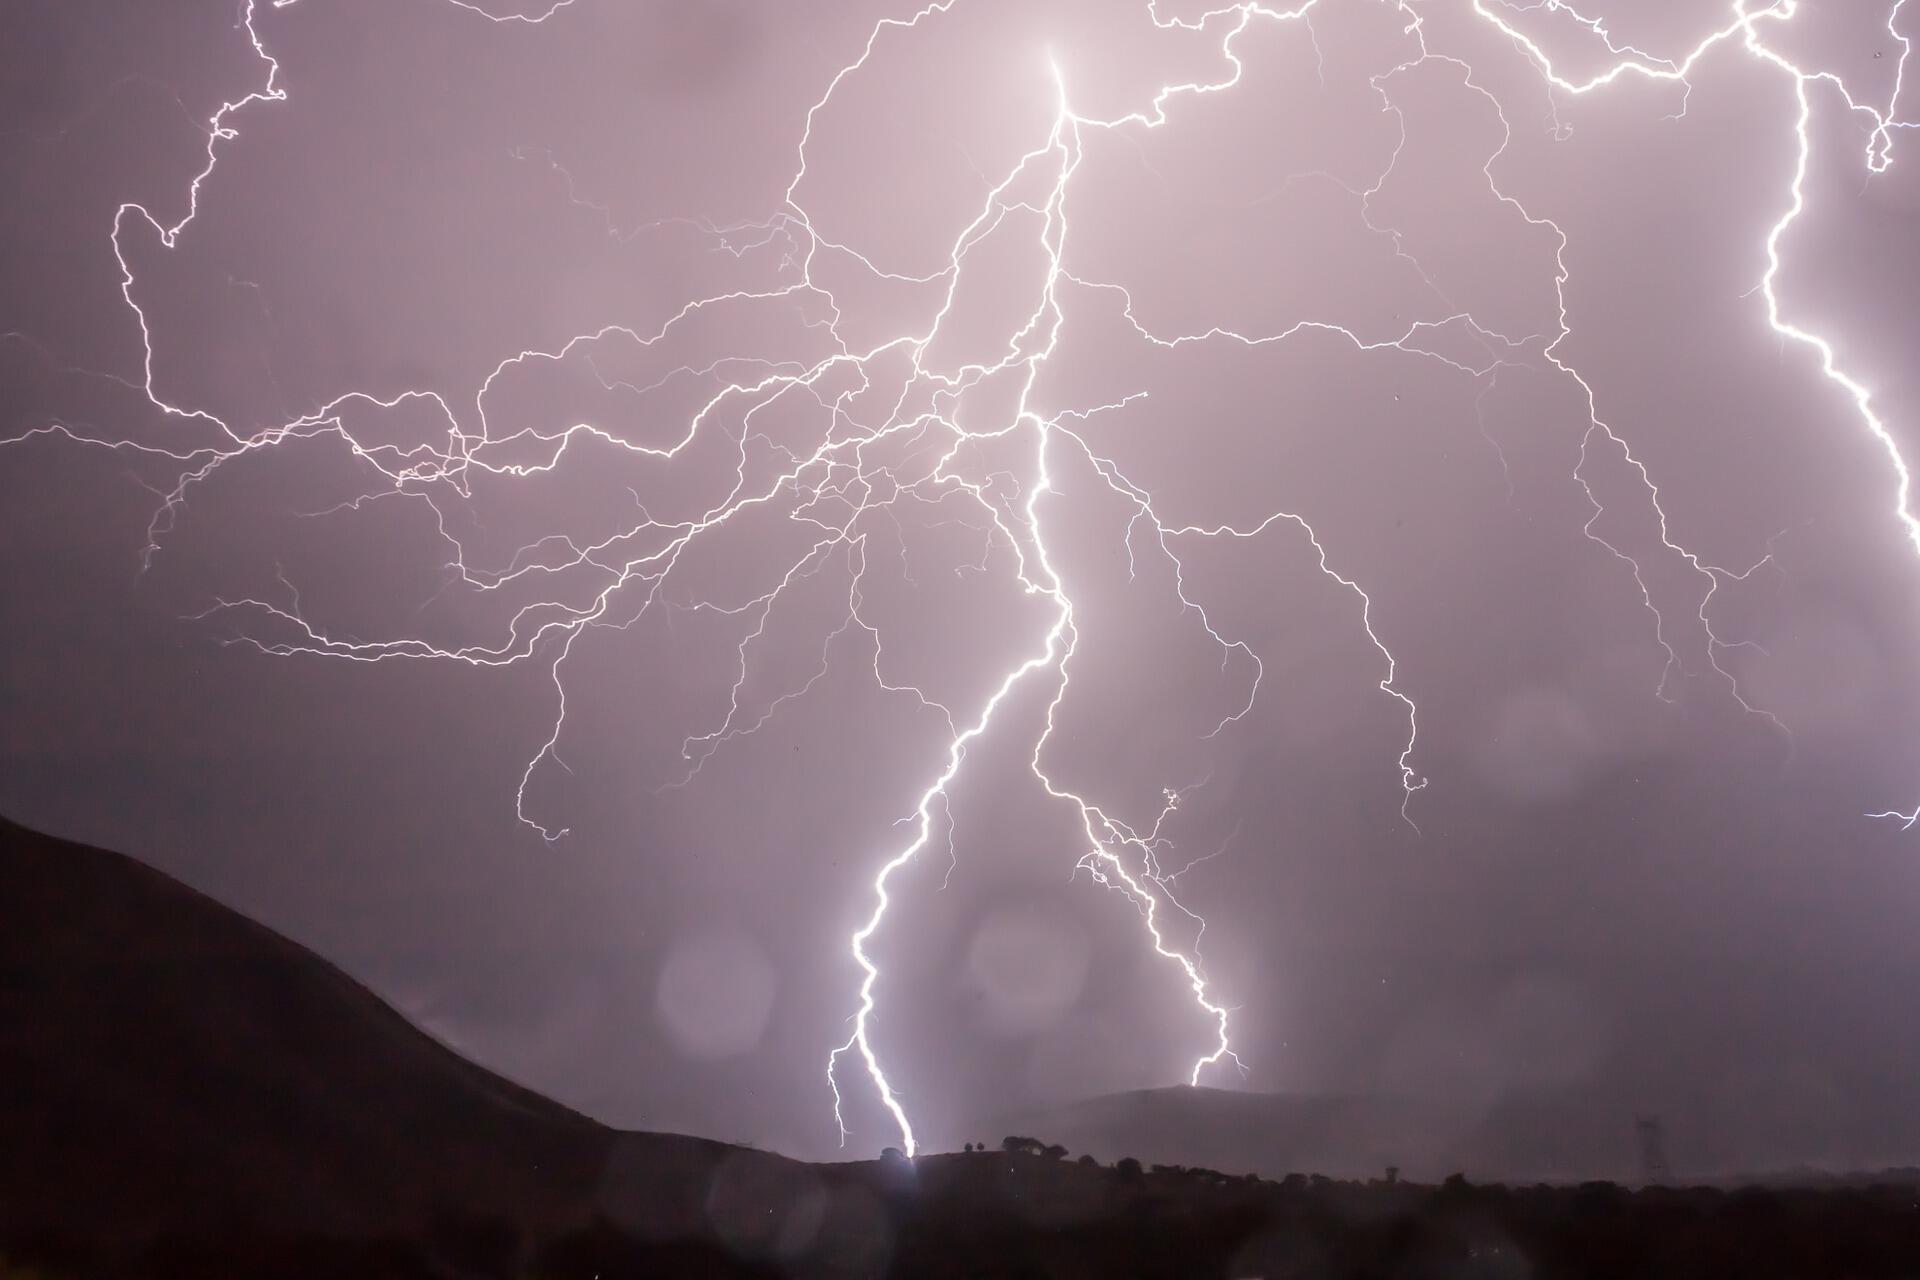 Підтоплення та інтенсивні опади будуть спостерігатися у всіх регіонах України